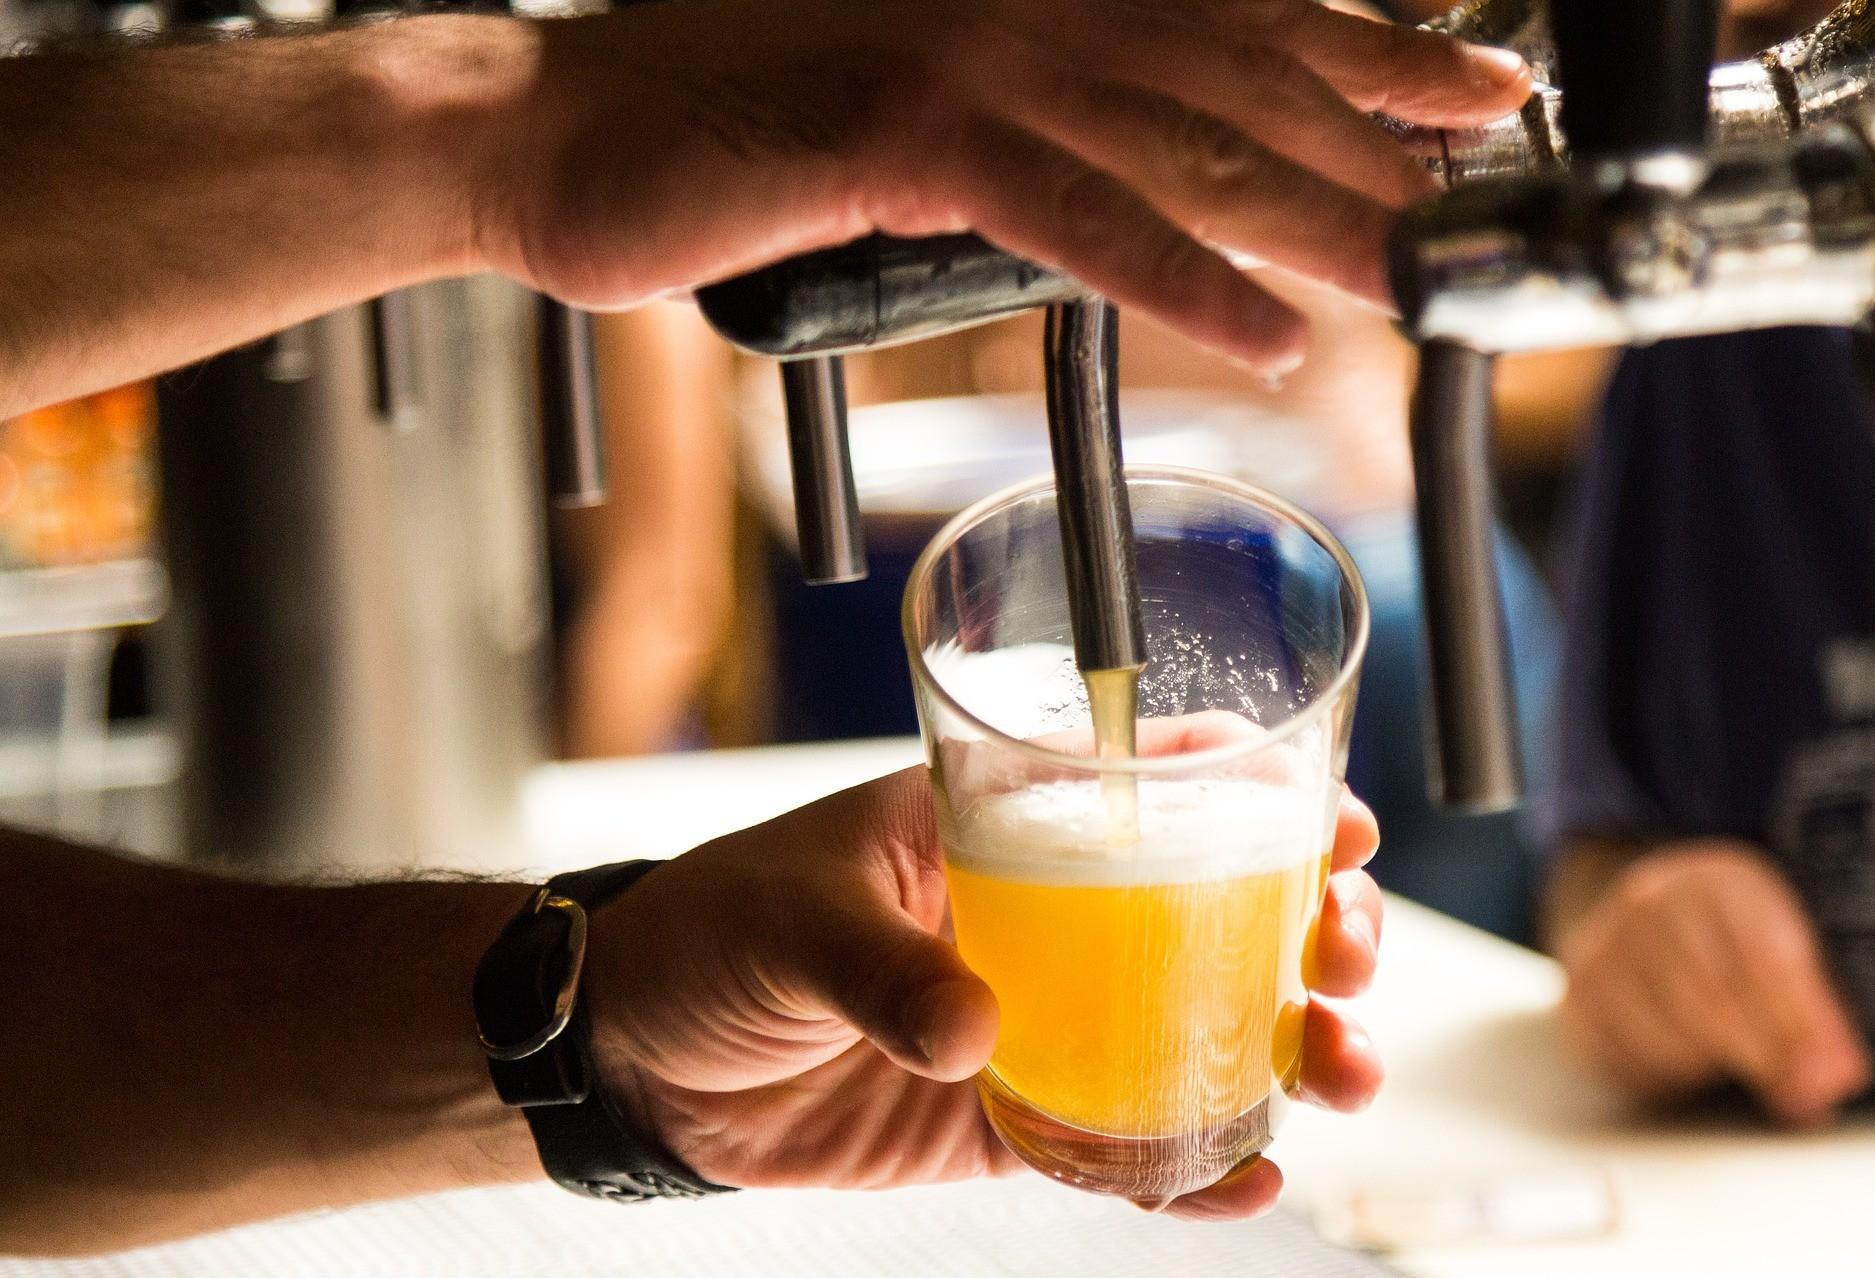 Venda de bebidas alcoólicas será proibida a partir das 22h no Estado